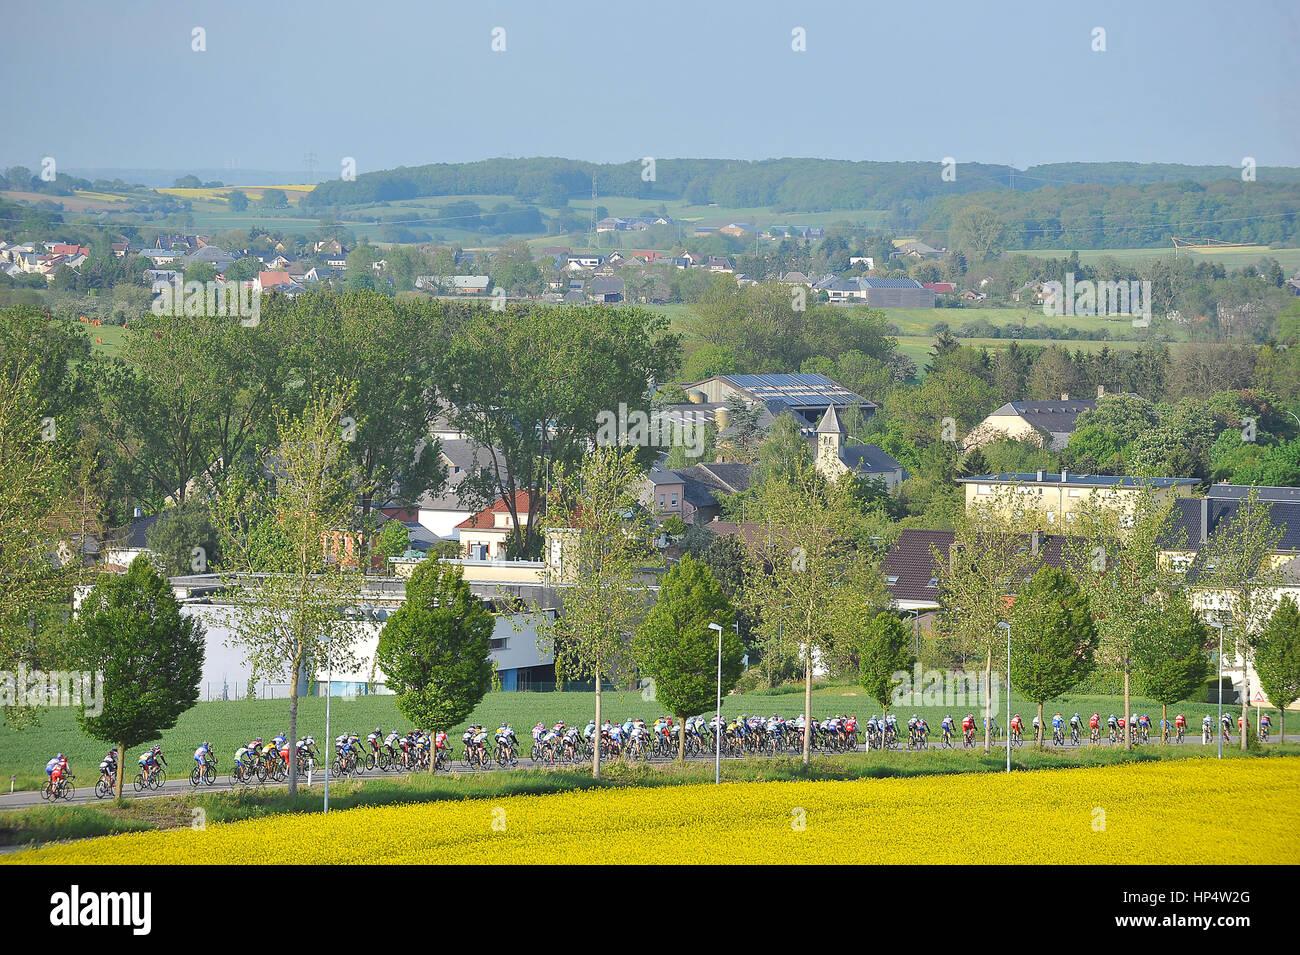 Belvaux, Lussemburgo 16.05.2012. Il pack in azione durante la Fleche du Sud corsa di ciclismo Immagini Stock